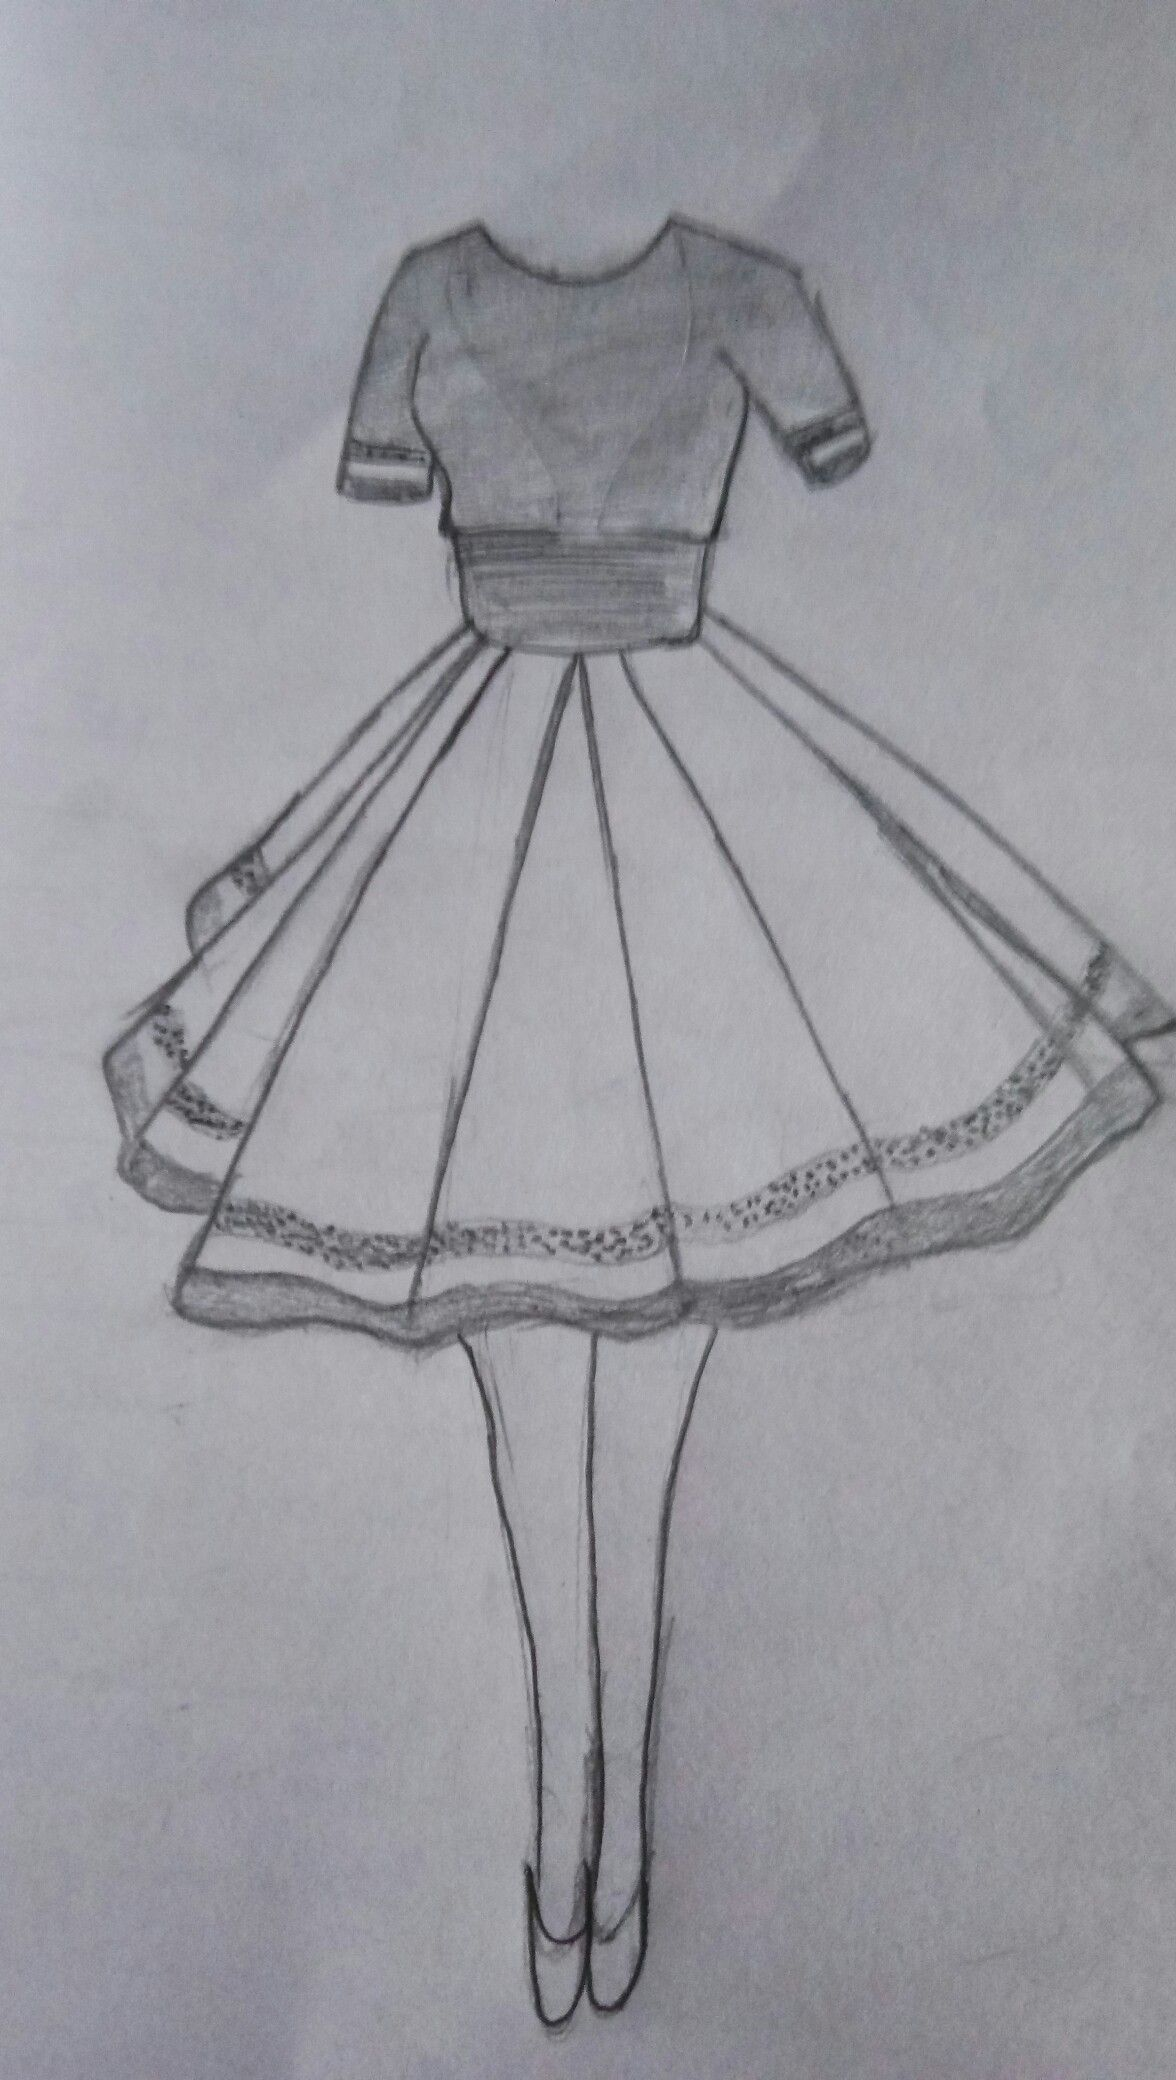 Cizim Modacizim Moda Fashion Drawing Sketches Art Sketches Fashion Design Drawings